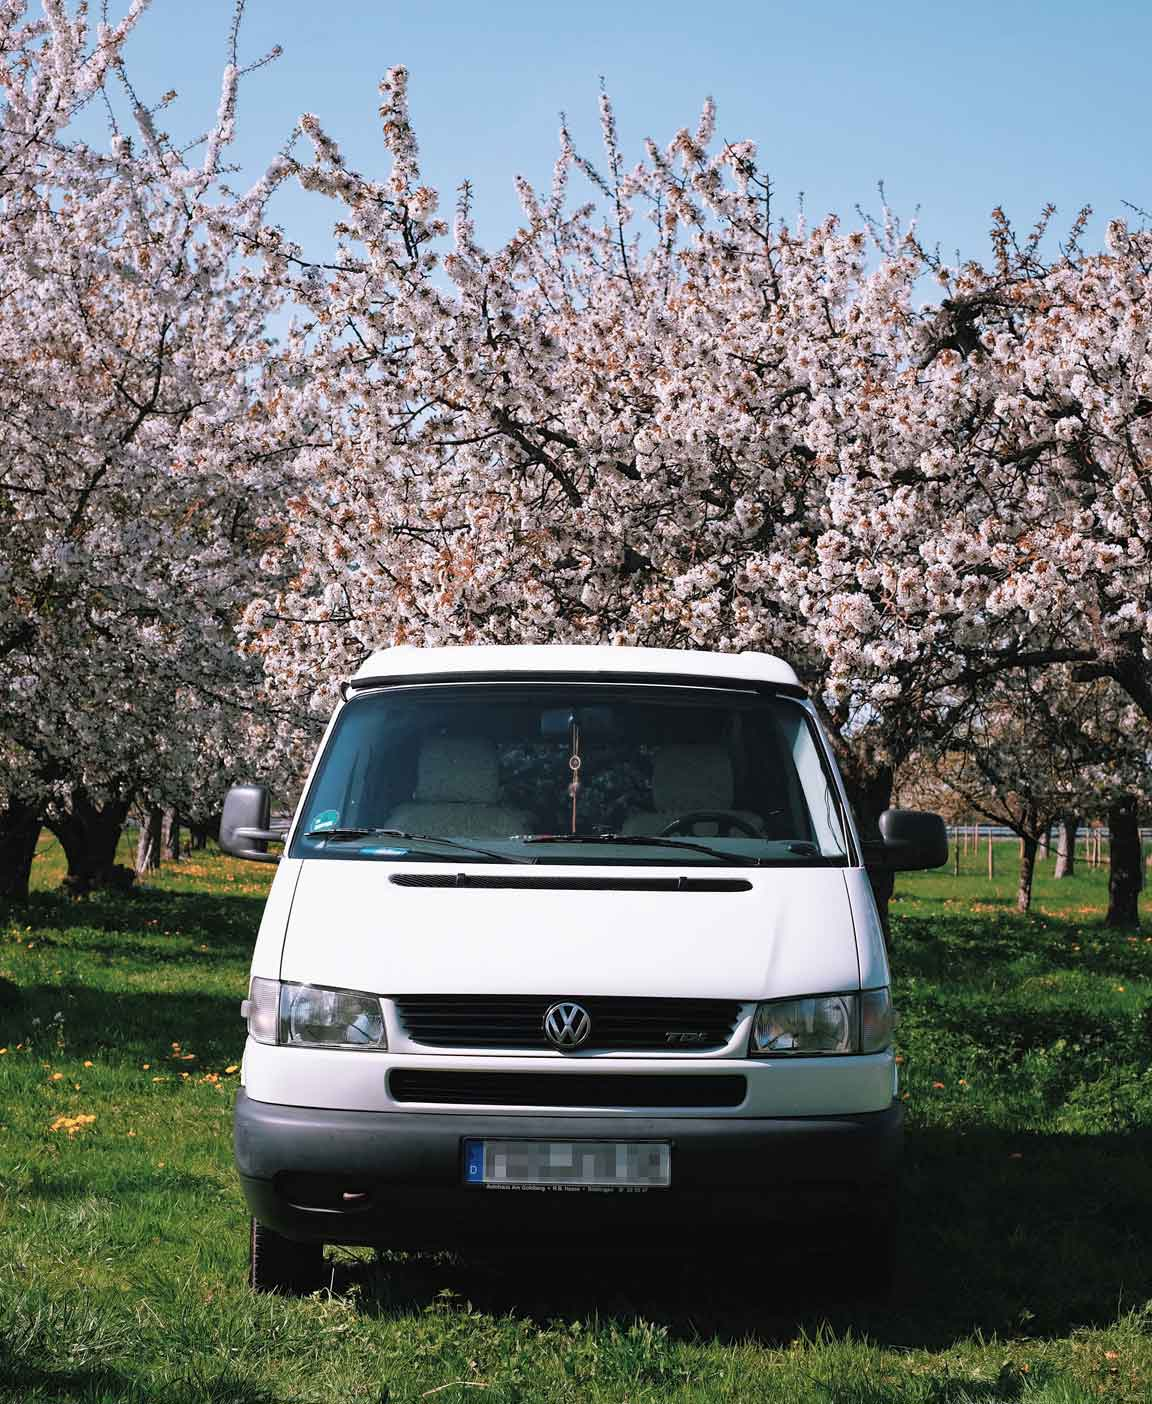 vw-t4-volkswagen-camper-transporter-wohnmobil-ausbau-campervan-caravelle-multivan-doka-6